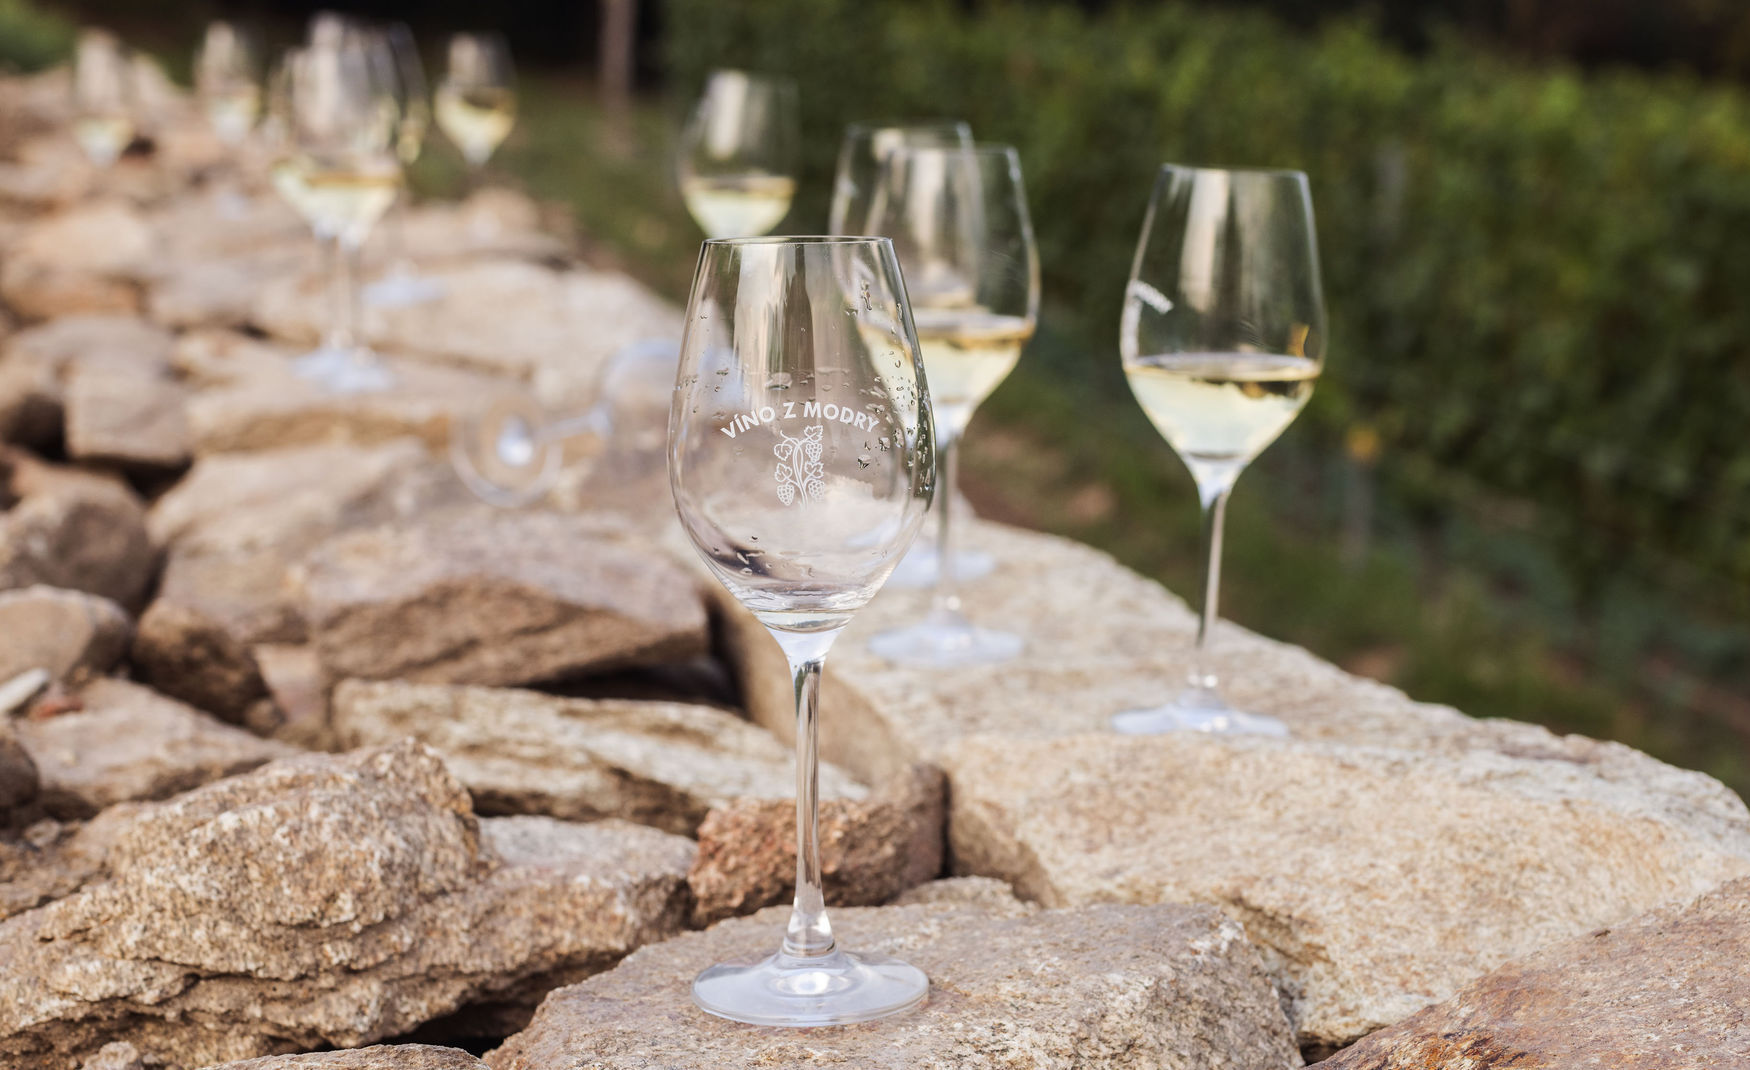 Kameň a víno sú sošné, len chcú zručného človeka.